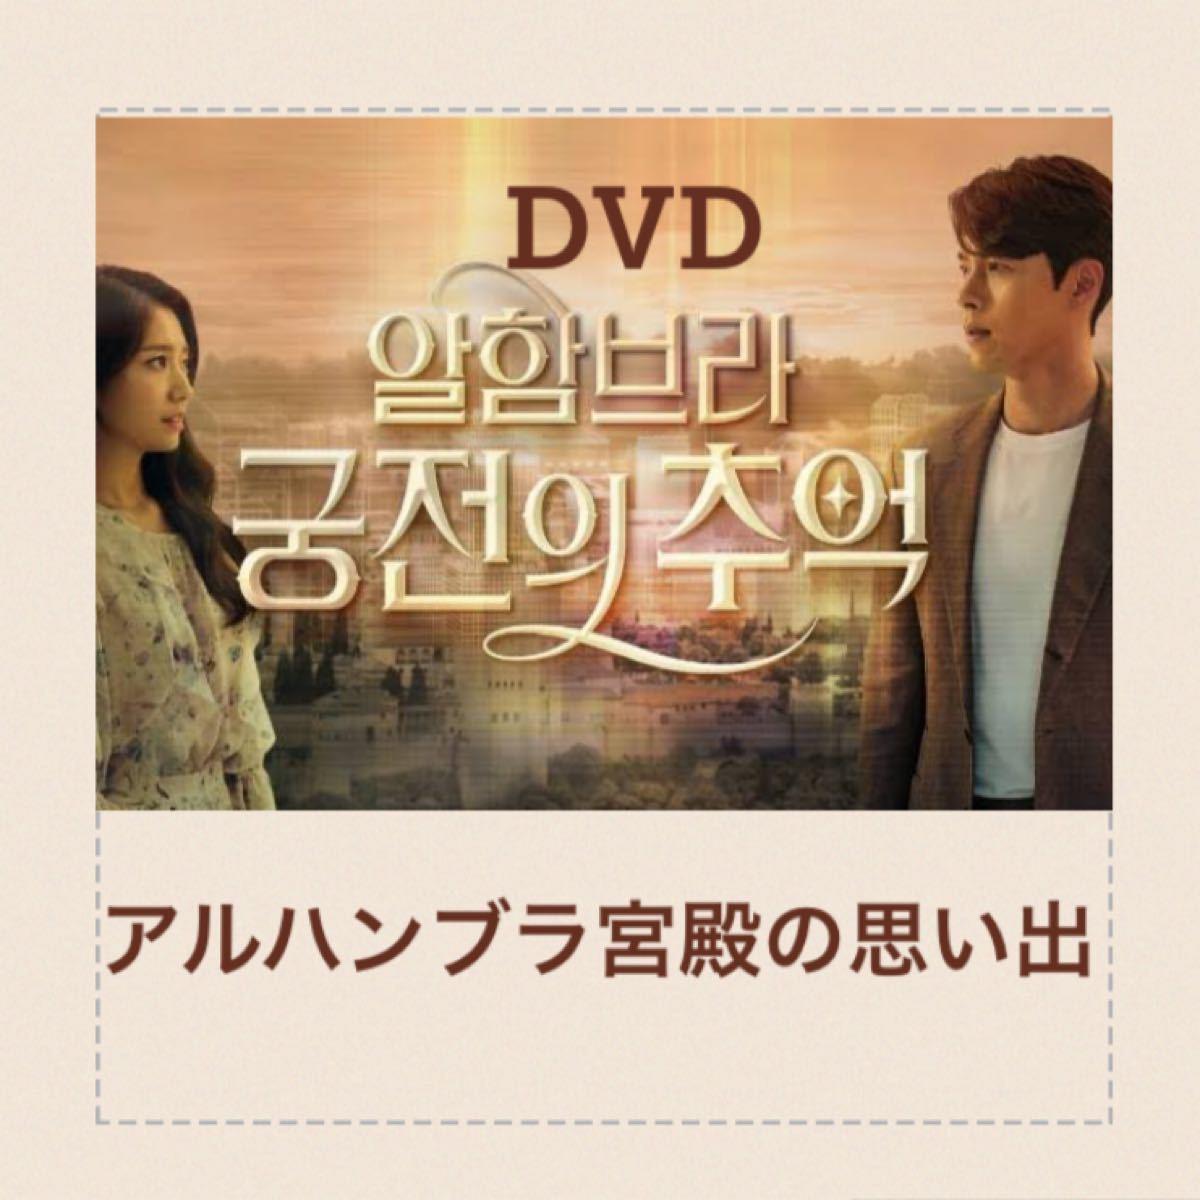 韓国ドラマ アルハンブラ宮殿の思い出 DVD全話【レーベル印刷あり】